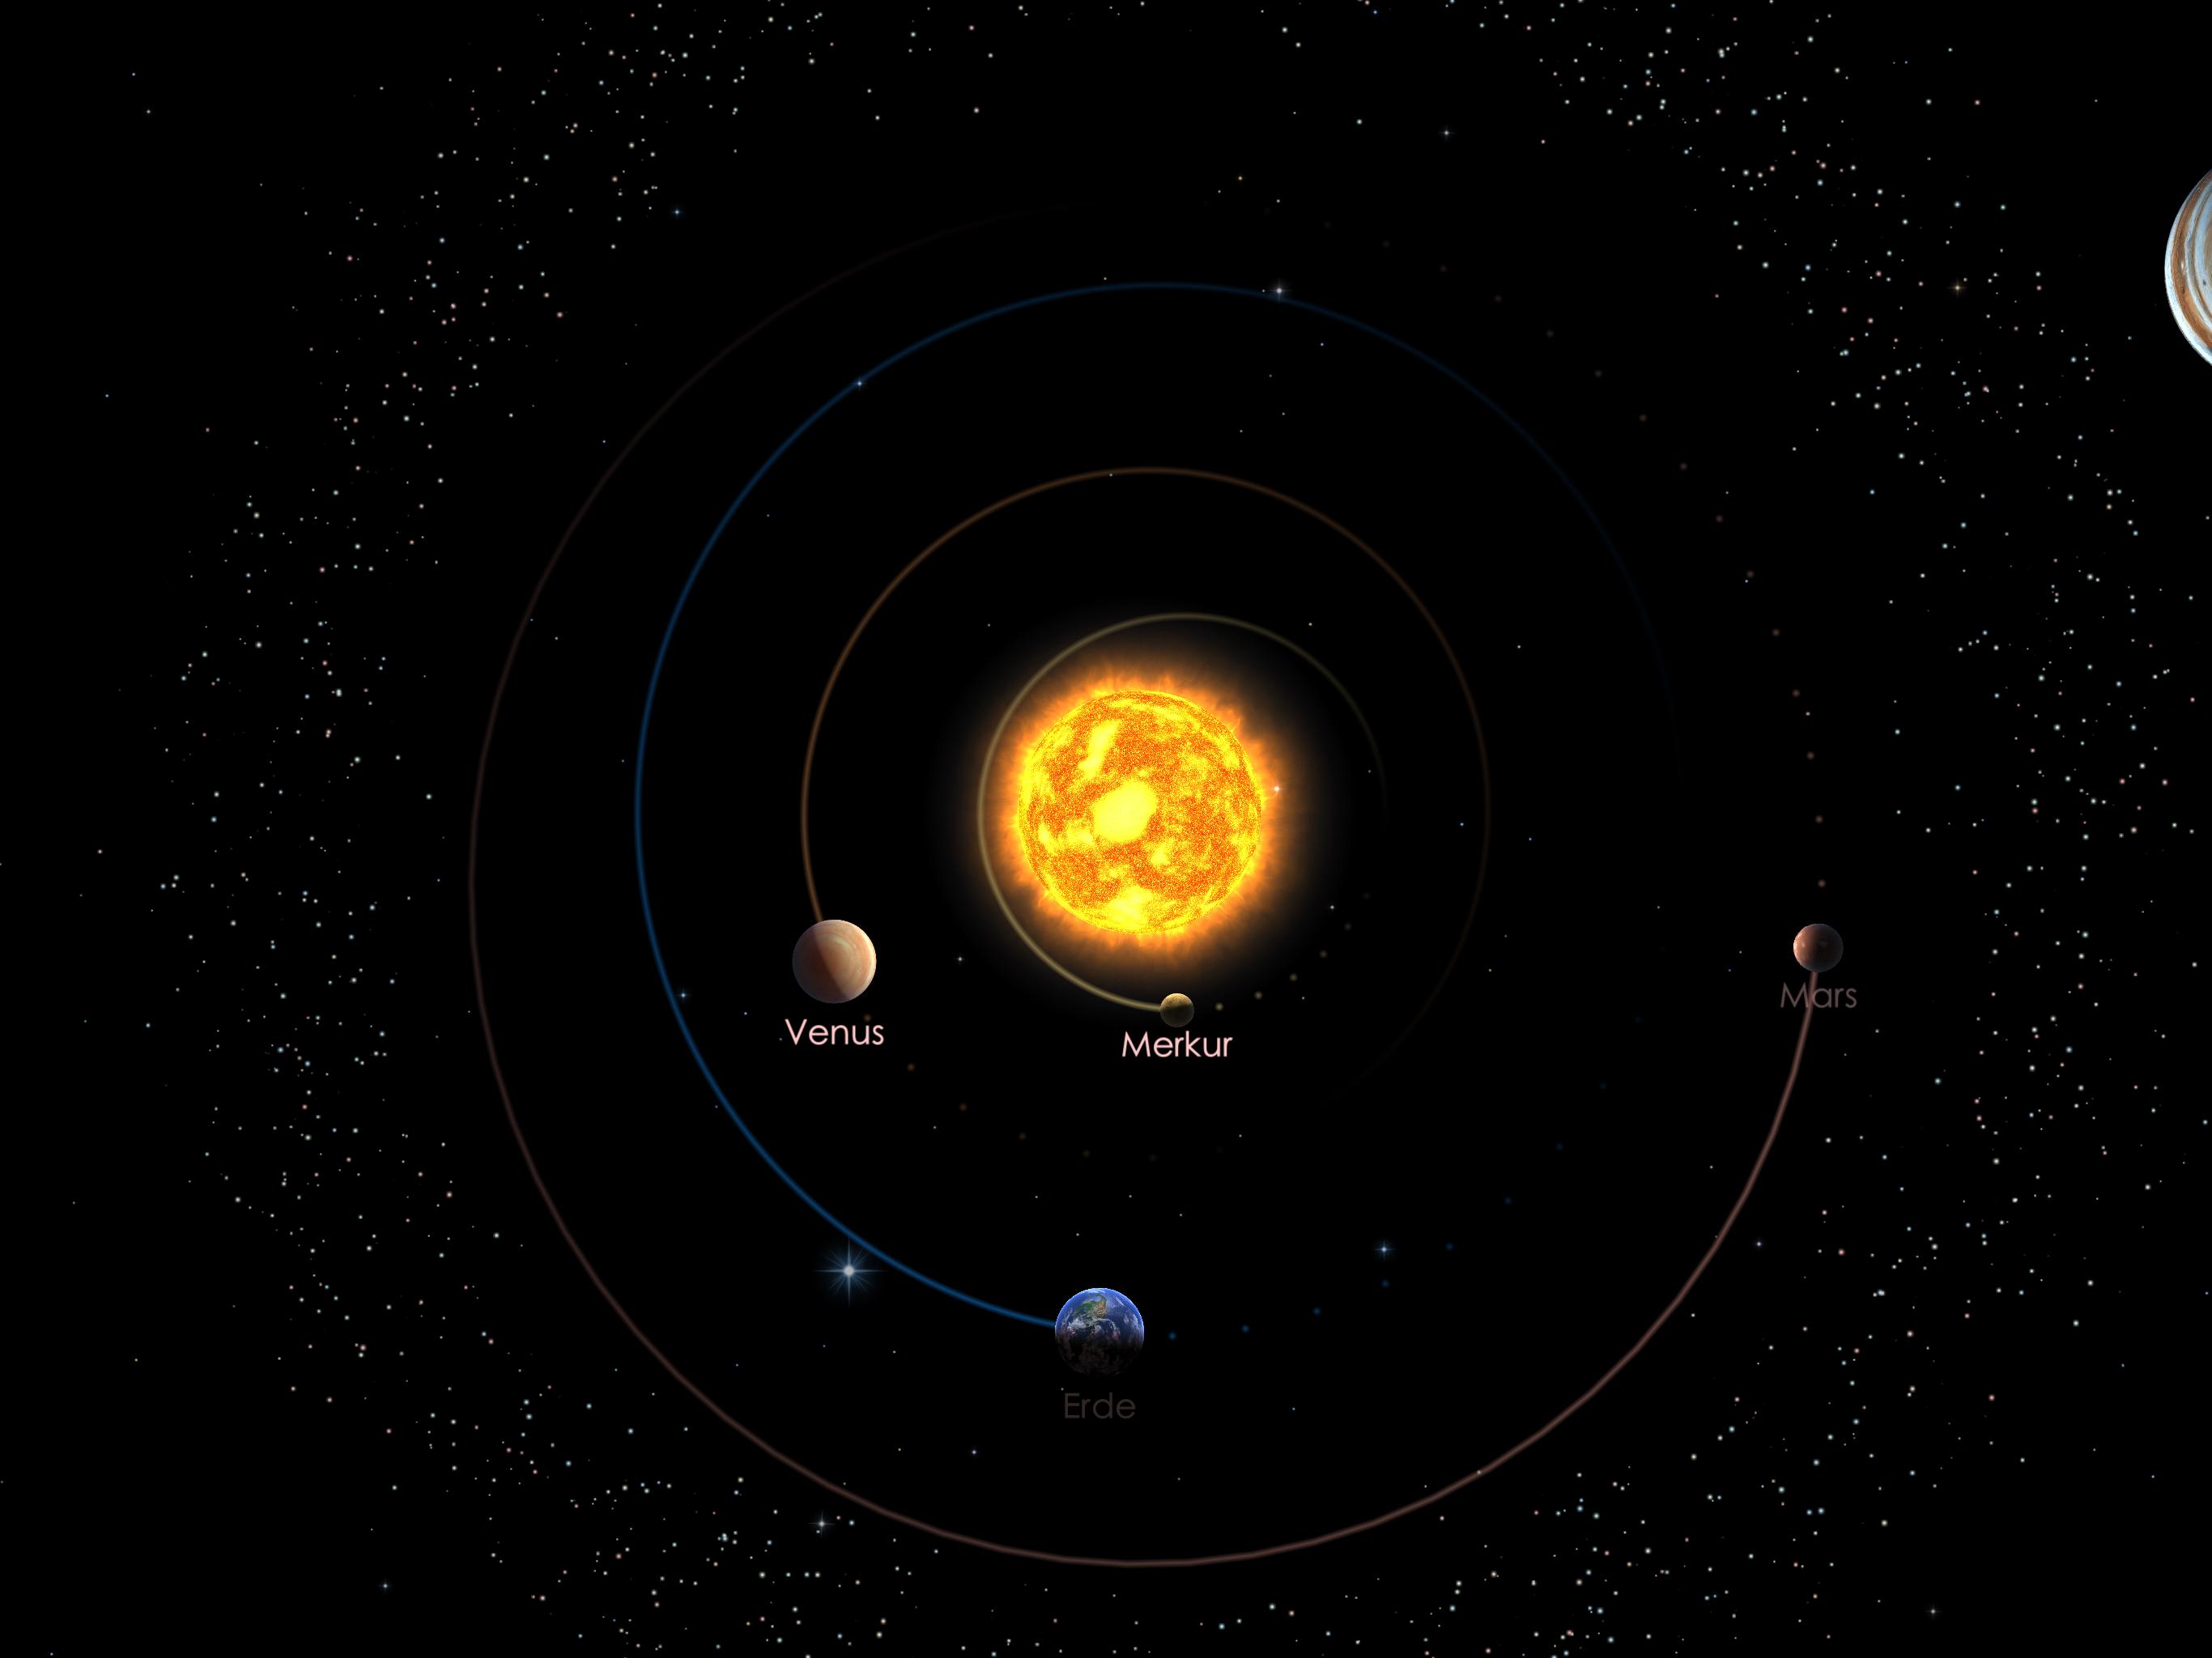 Die Positionen der inneren Planeten am 01.03.20